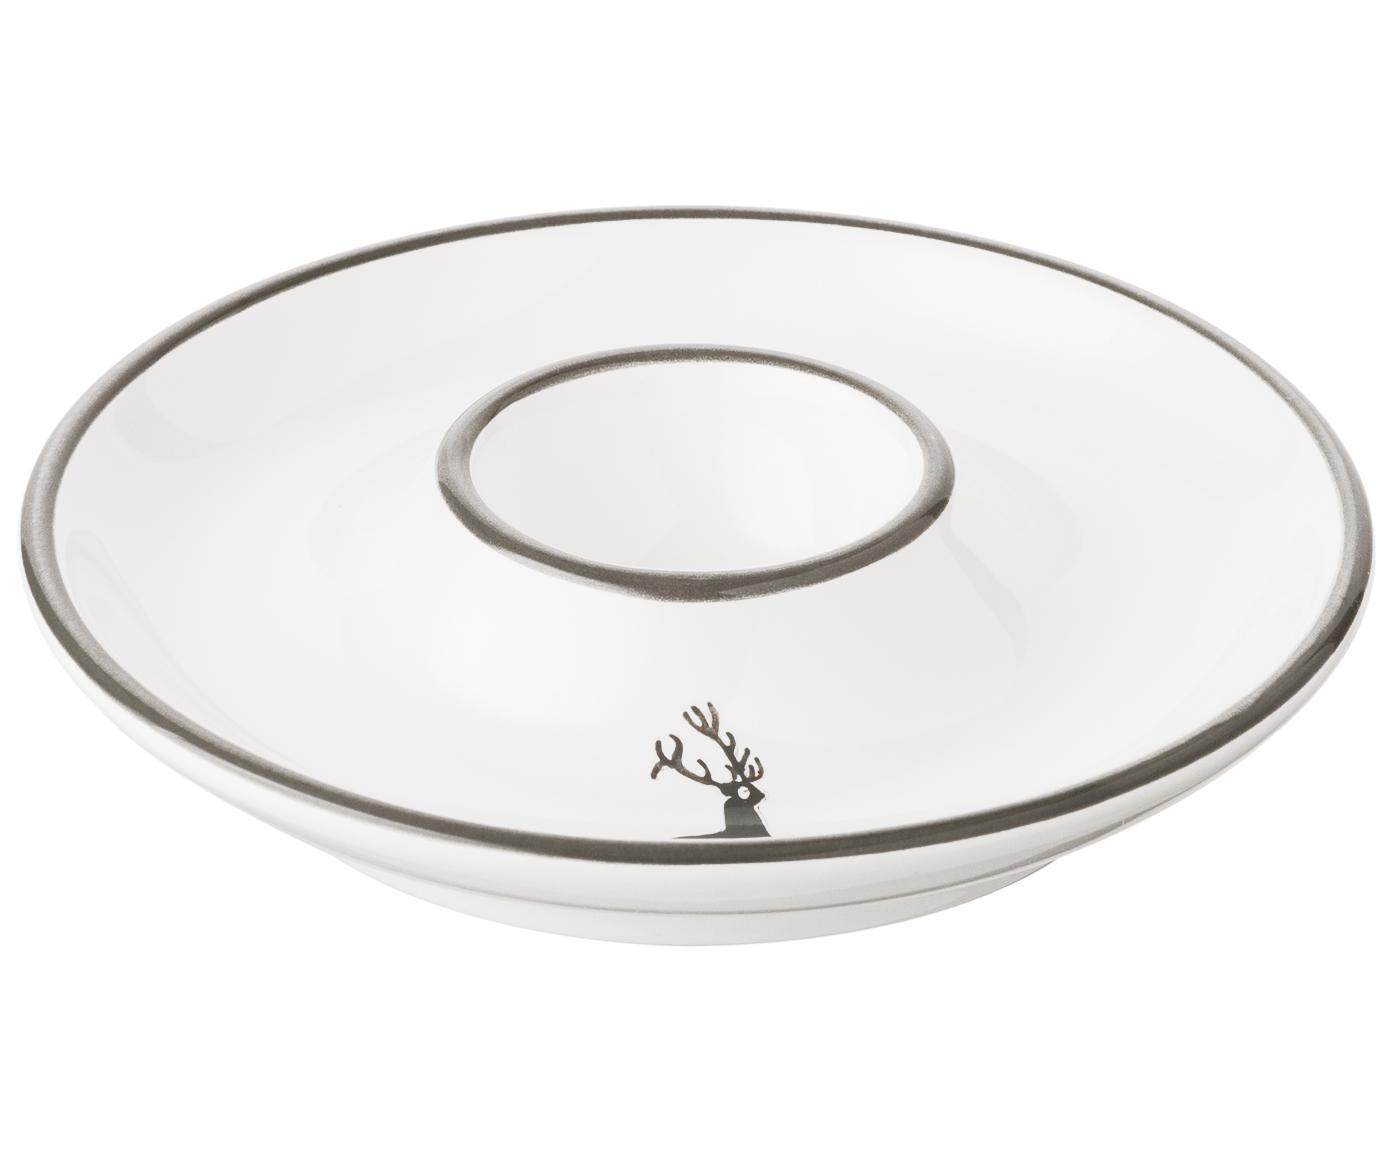 Kieliszek do jajek Classic Grauer Hirsch, Ceramika, Szary, biały, Ø 12 cm